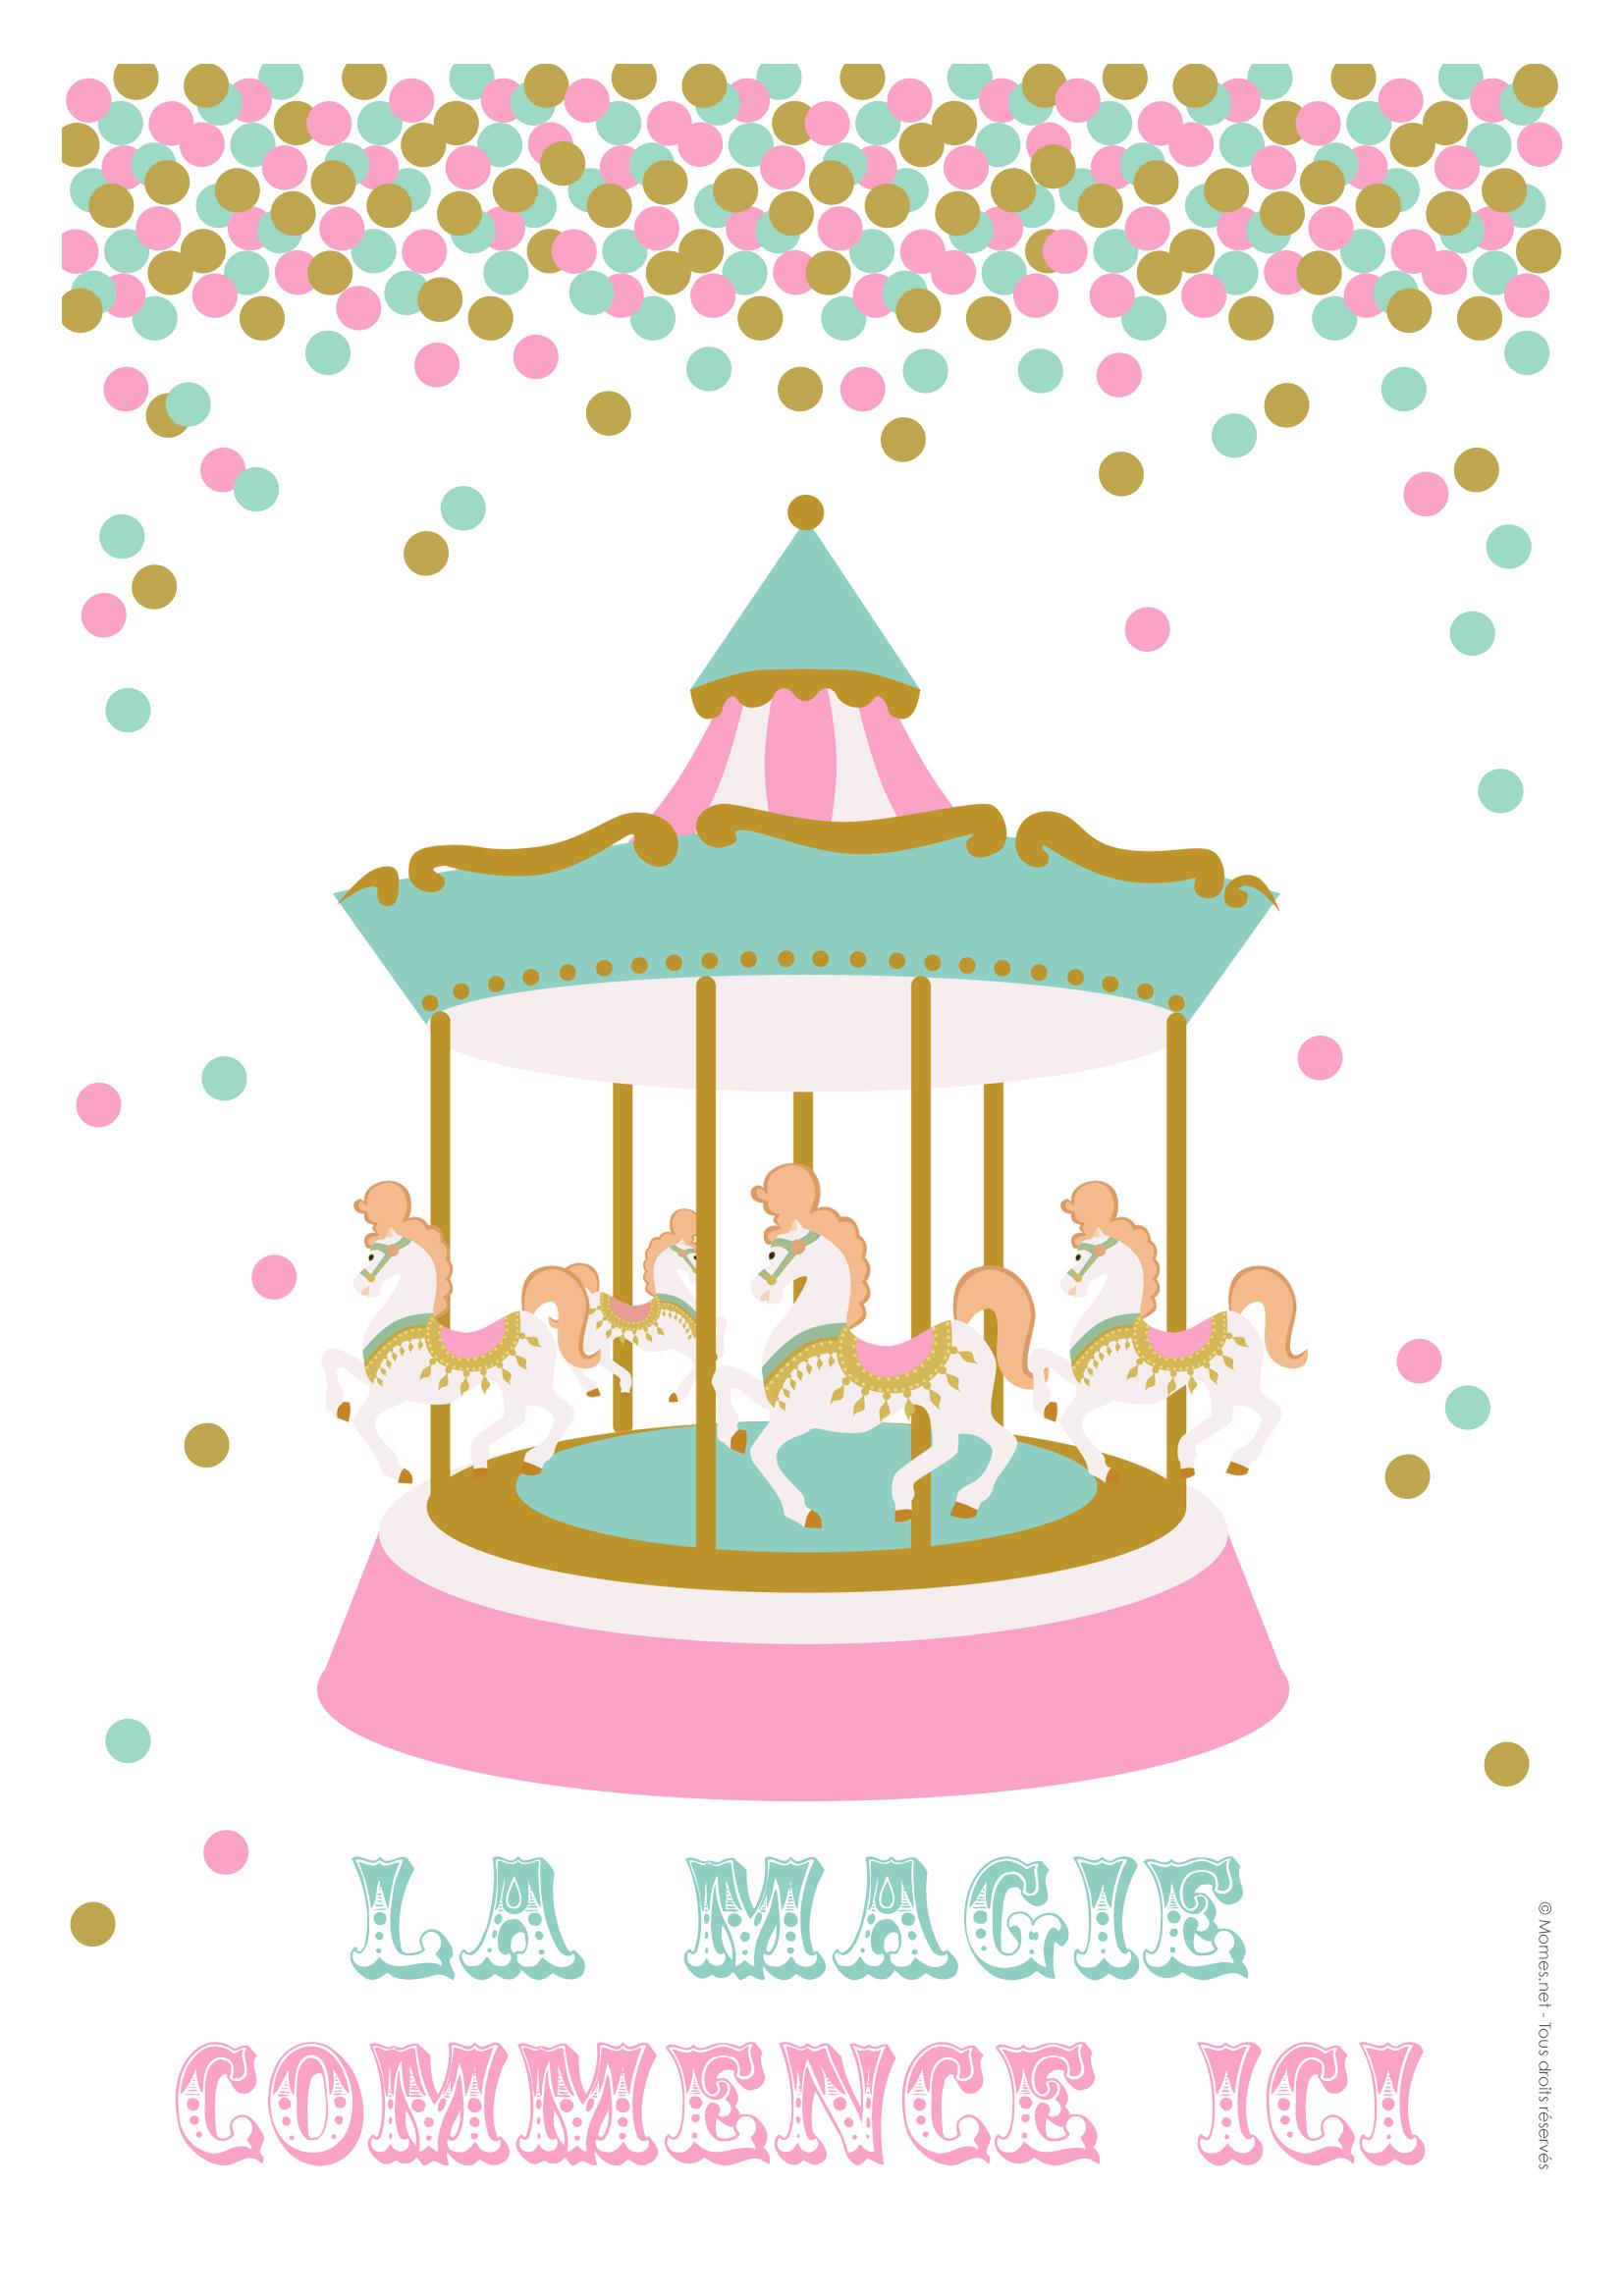 Affiche Carrousel Fête Foraine À Imprimer - Momes pour Dessin De Fete Foraine